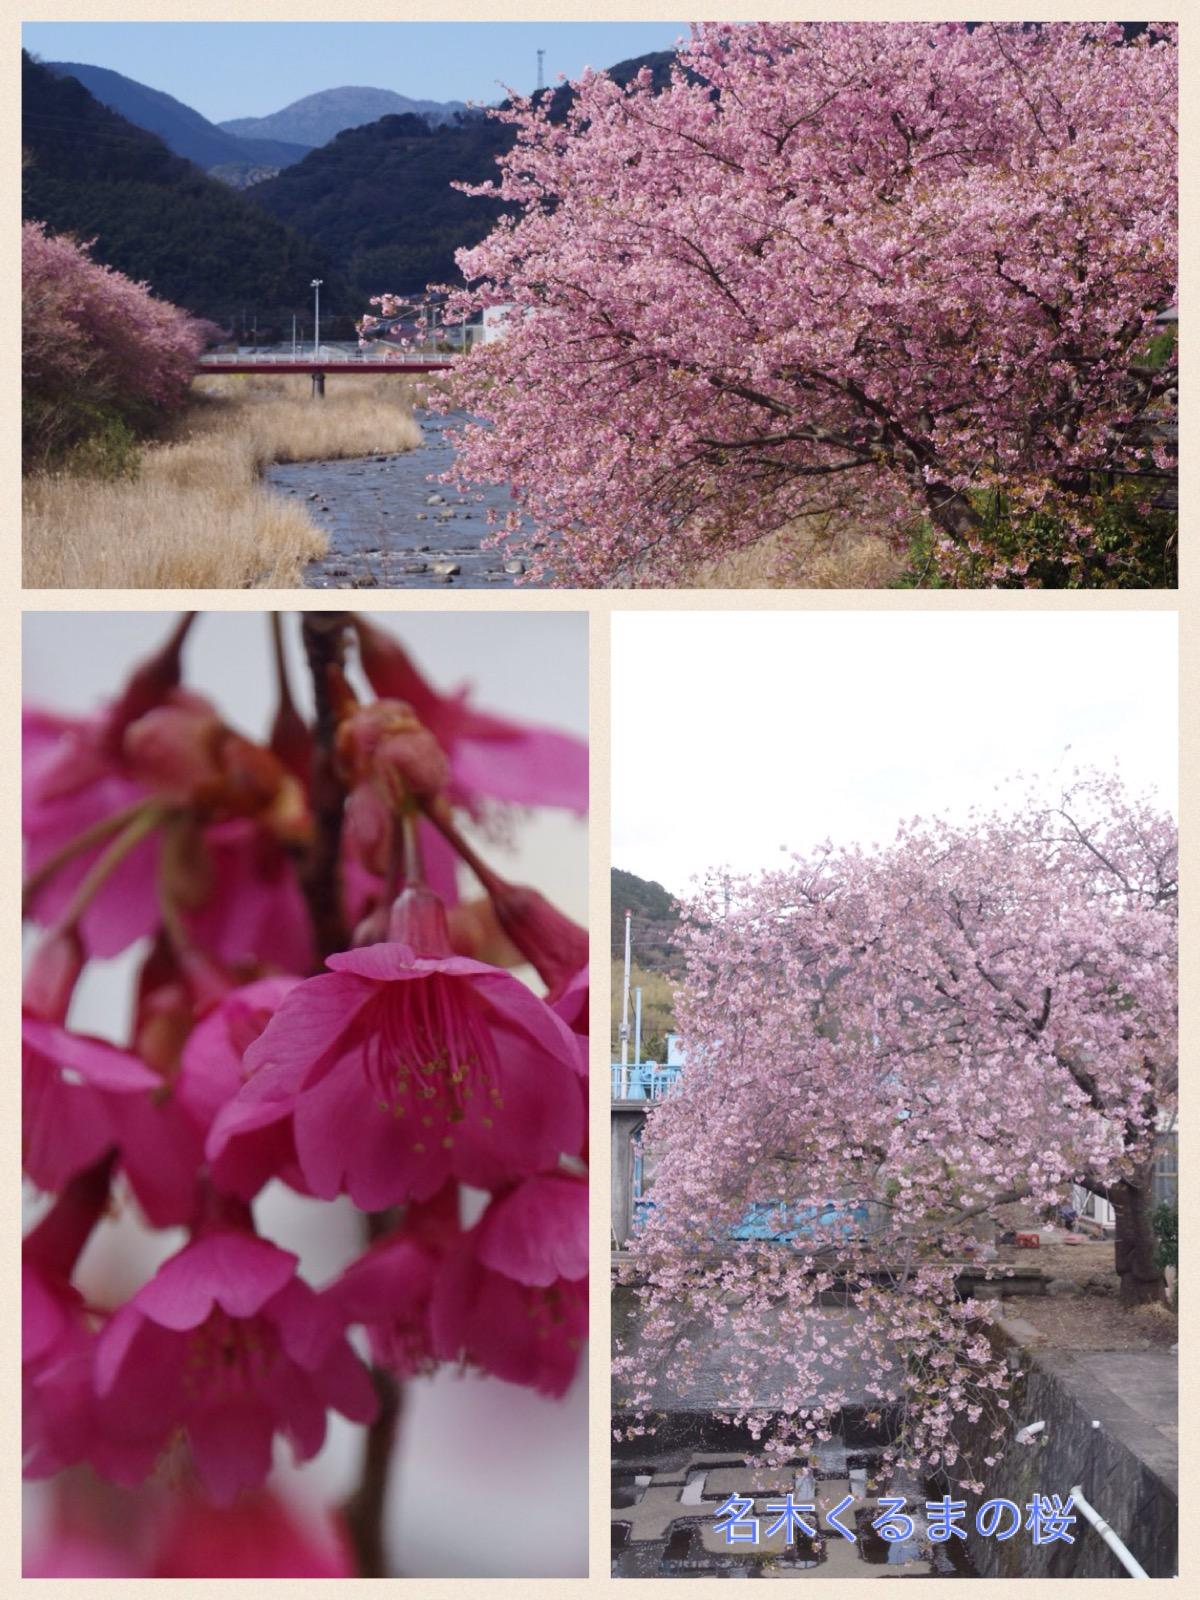 伊豆河津町 河津桜祭り2016